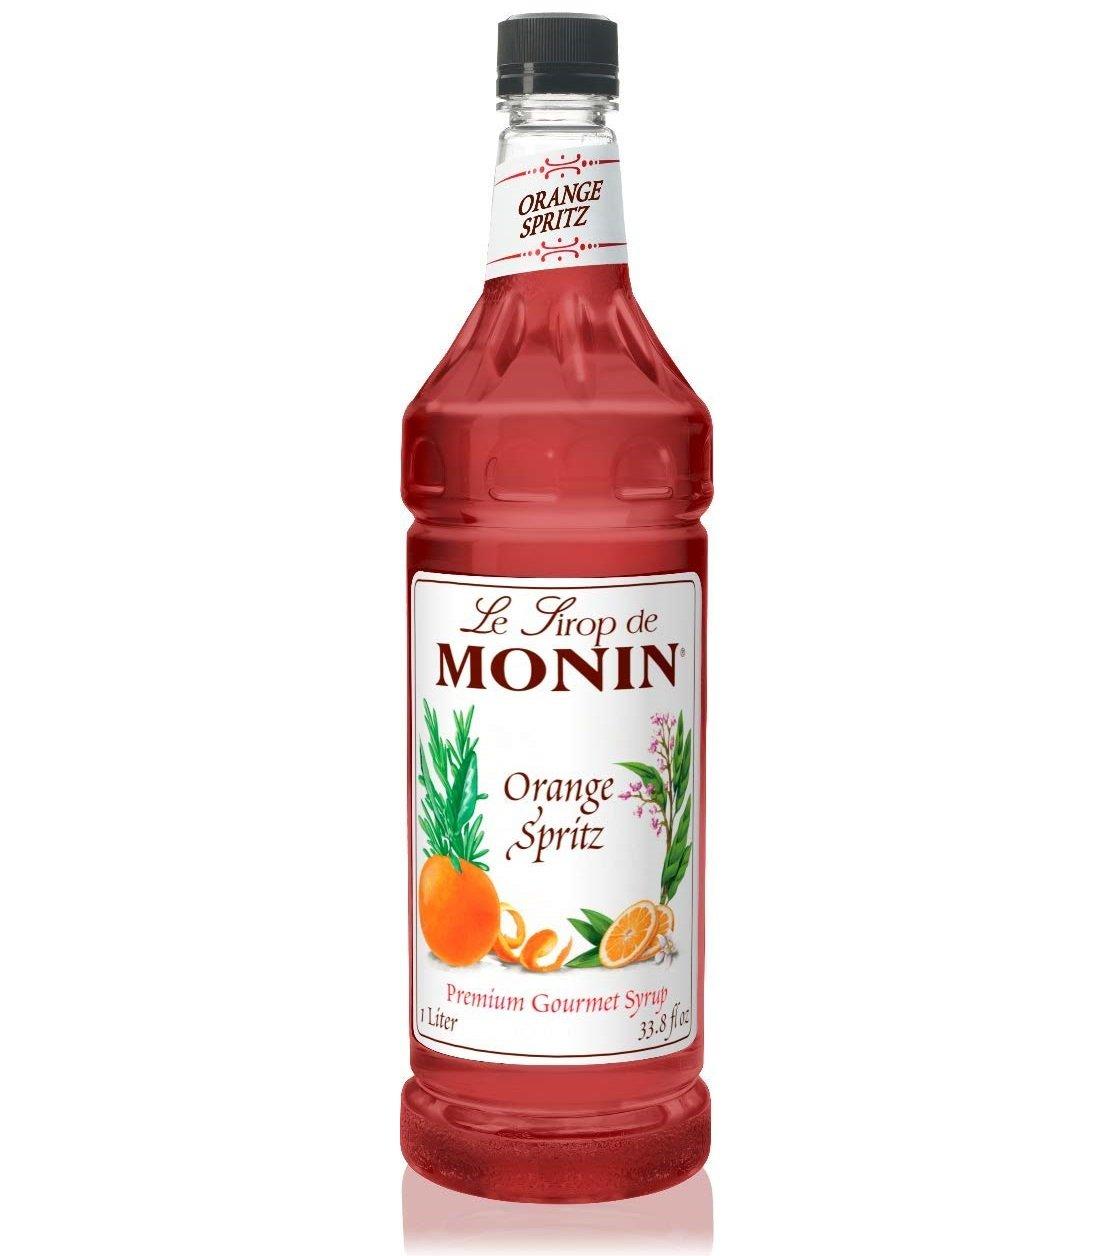 Monin Orange Spritz Syrup